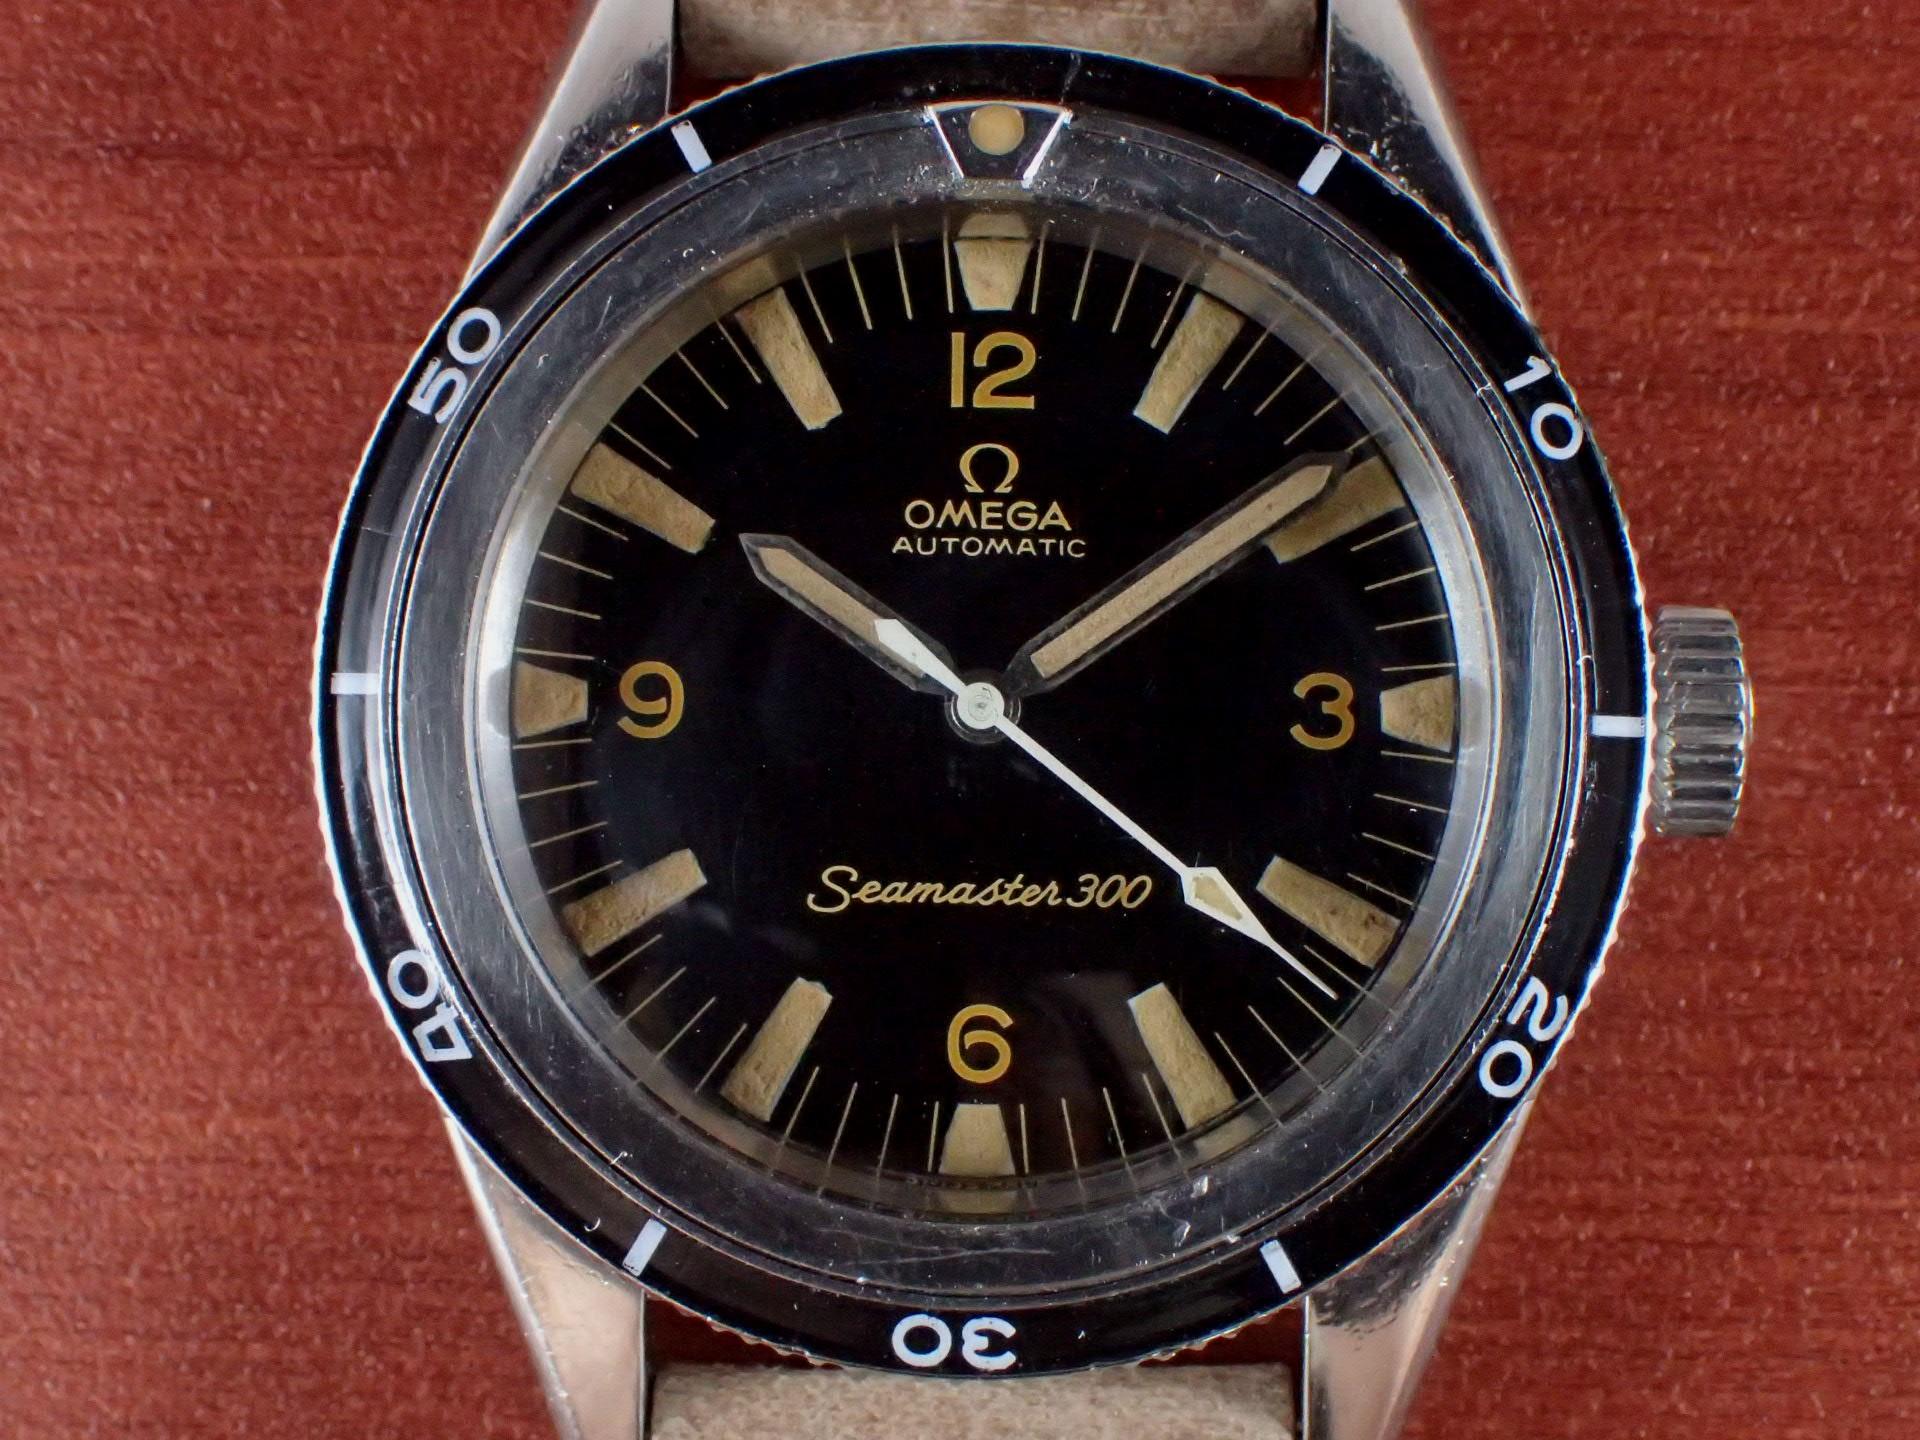 オメガ シーマスター300 セカンドモデル Ref.ST 165.014 1960年代の写真2枚目